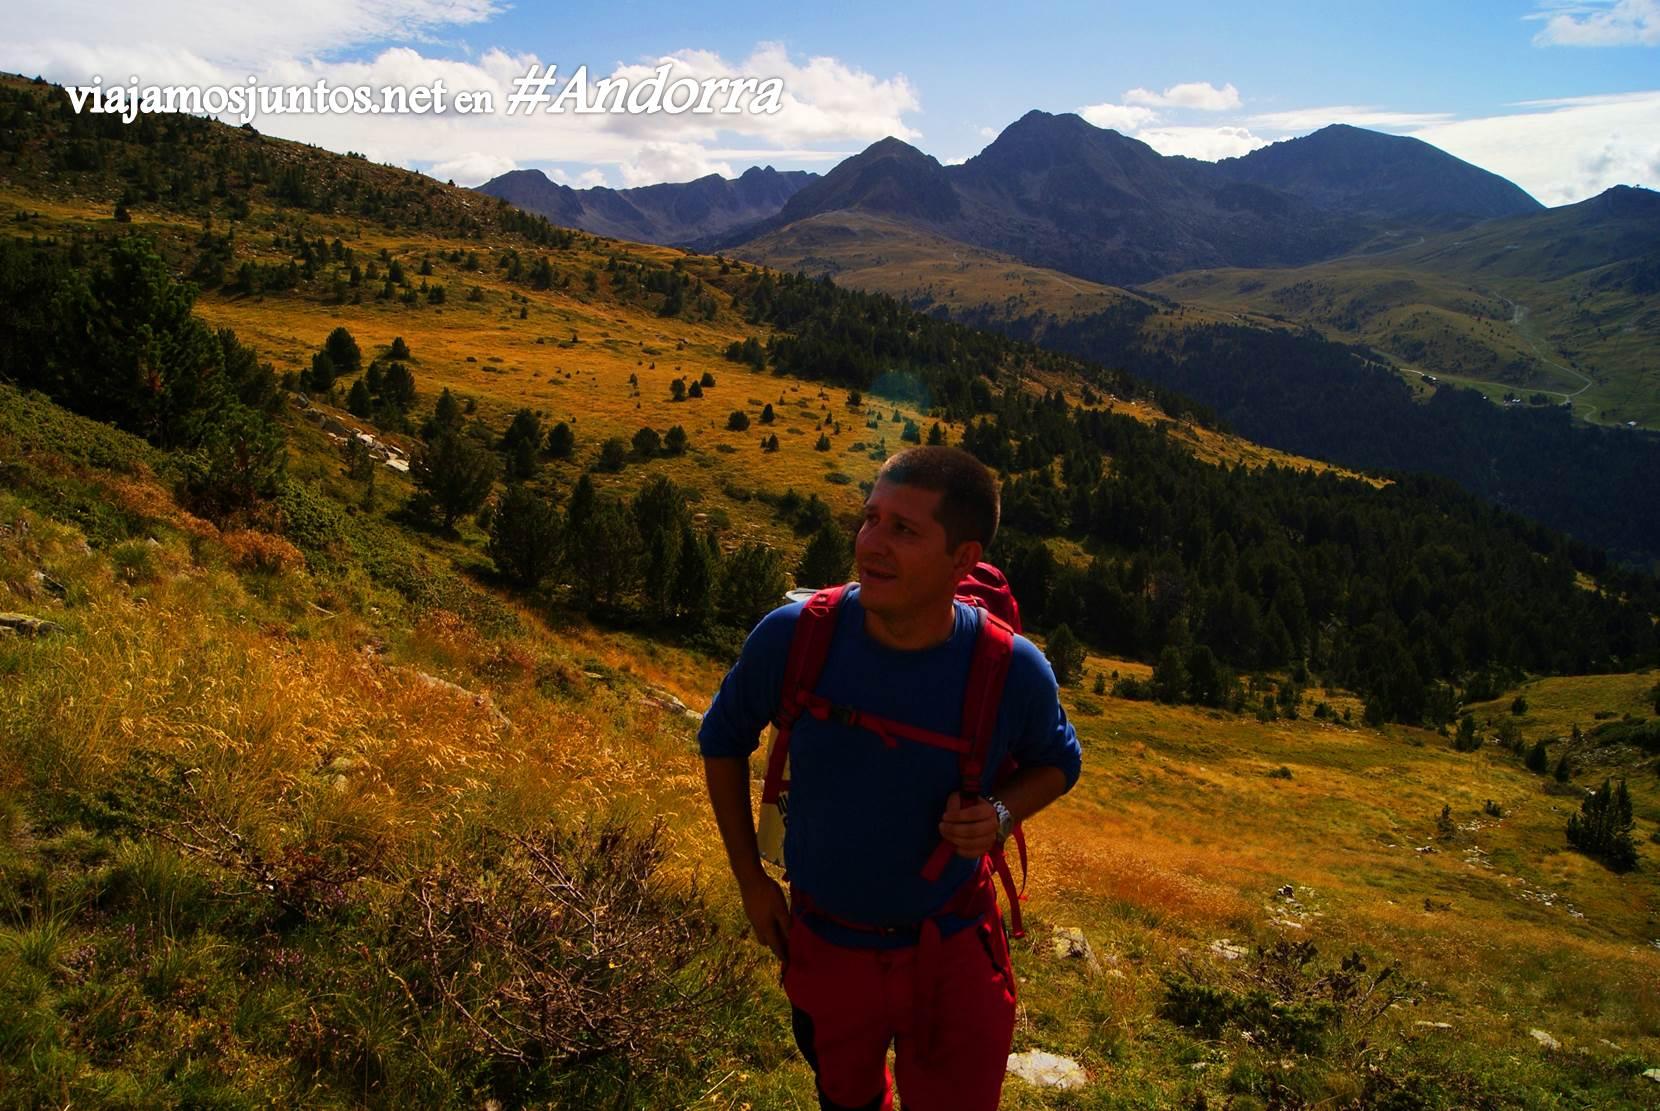 Dirección: Collet d'Ortafa, GRP Andorra, Pirineos